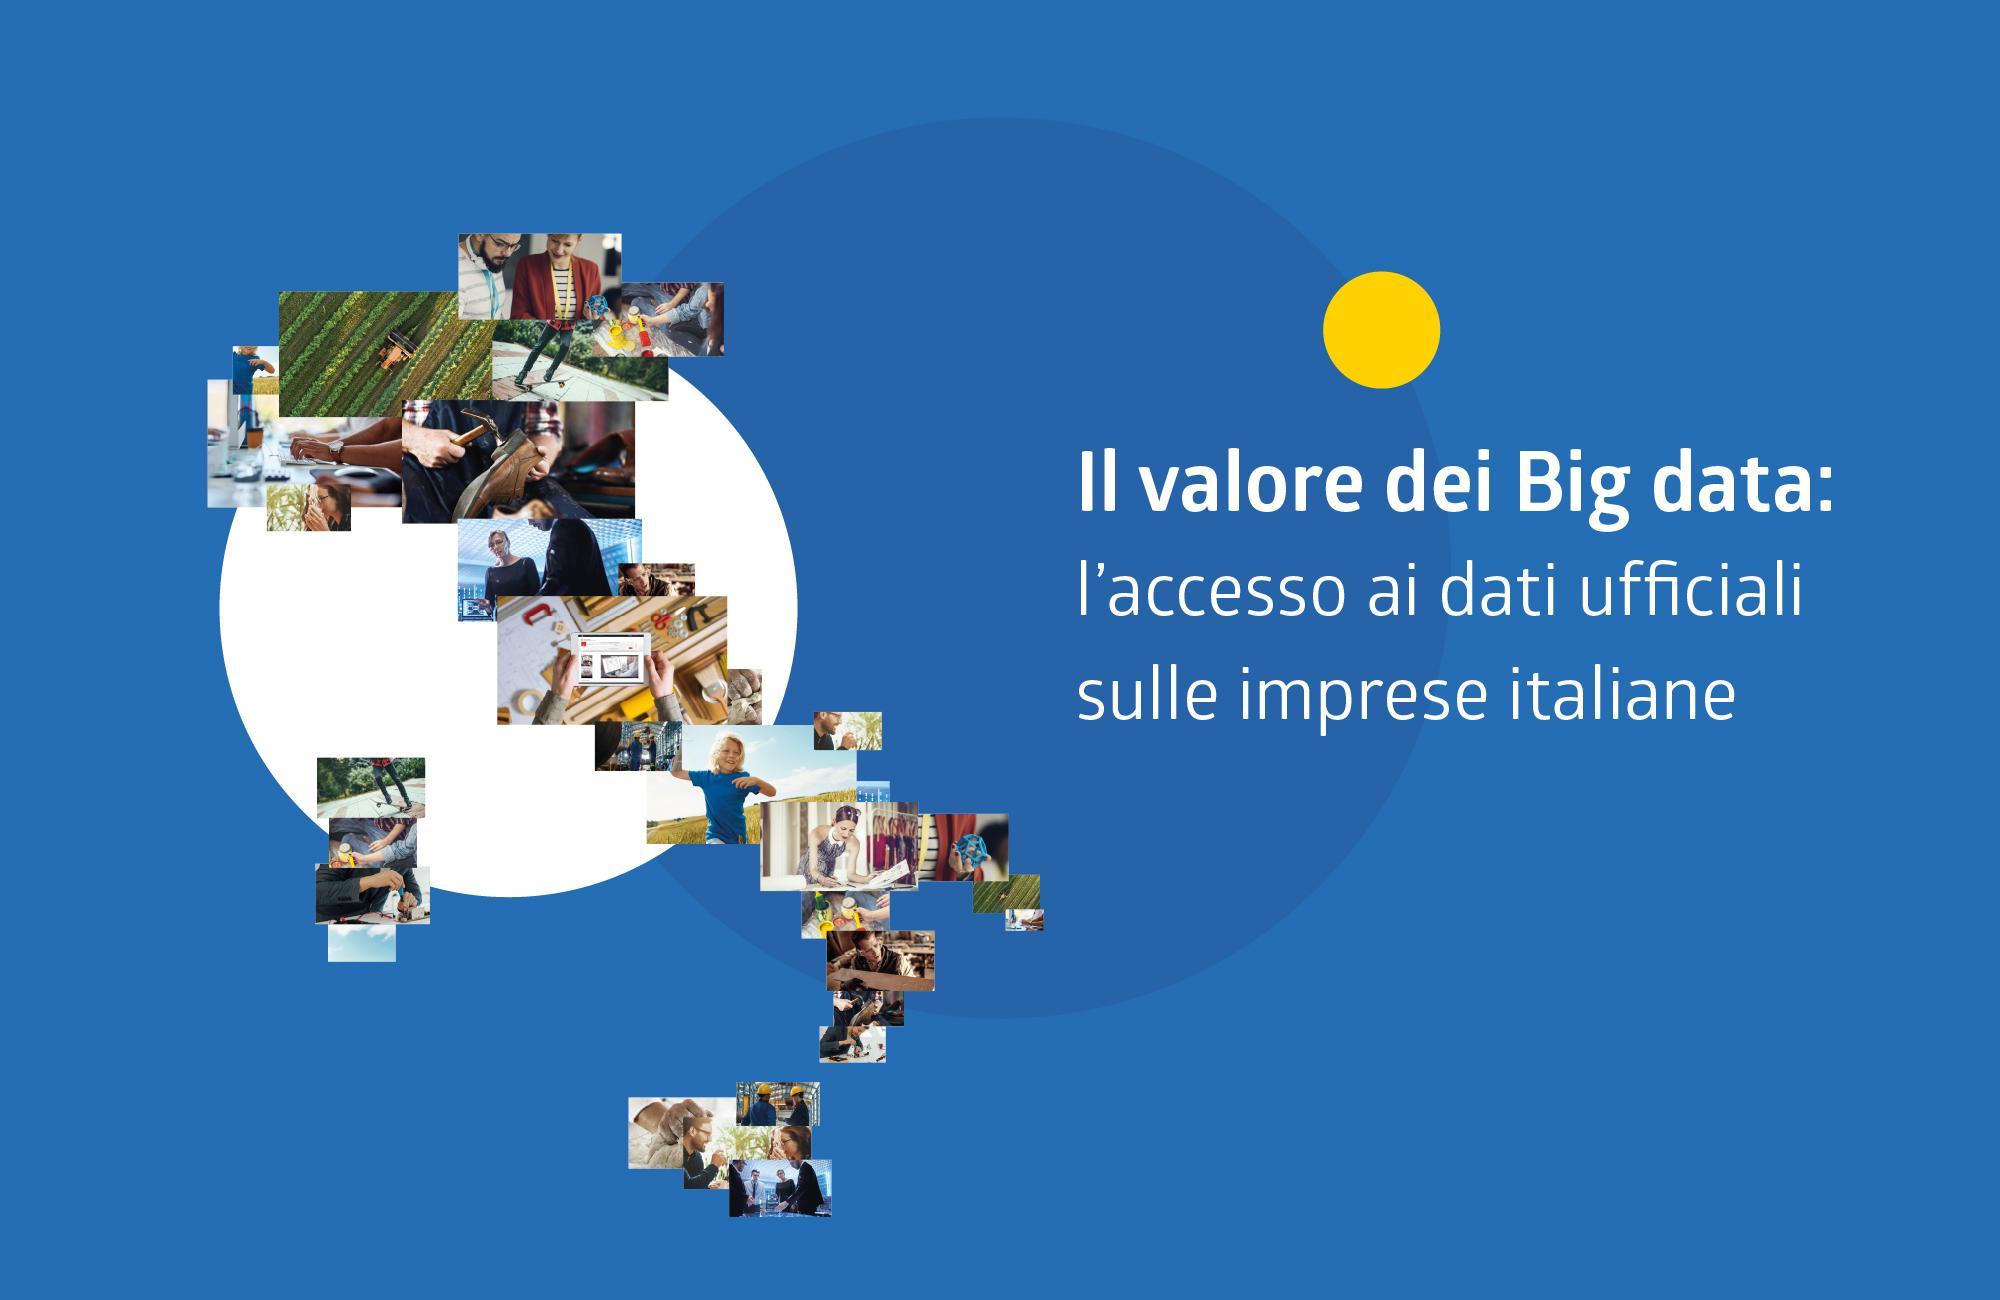 Il valore dei Big data: l'accesso ai dati ufficiali sulle imprese italiane